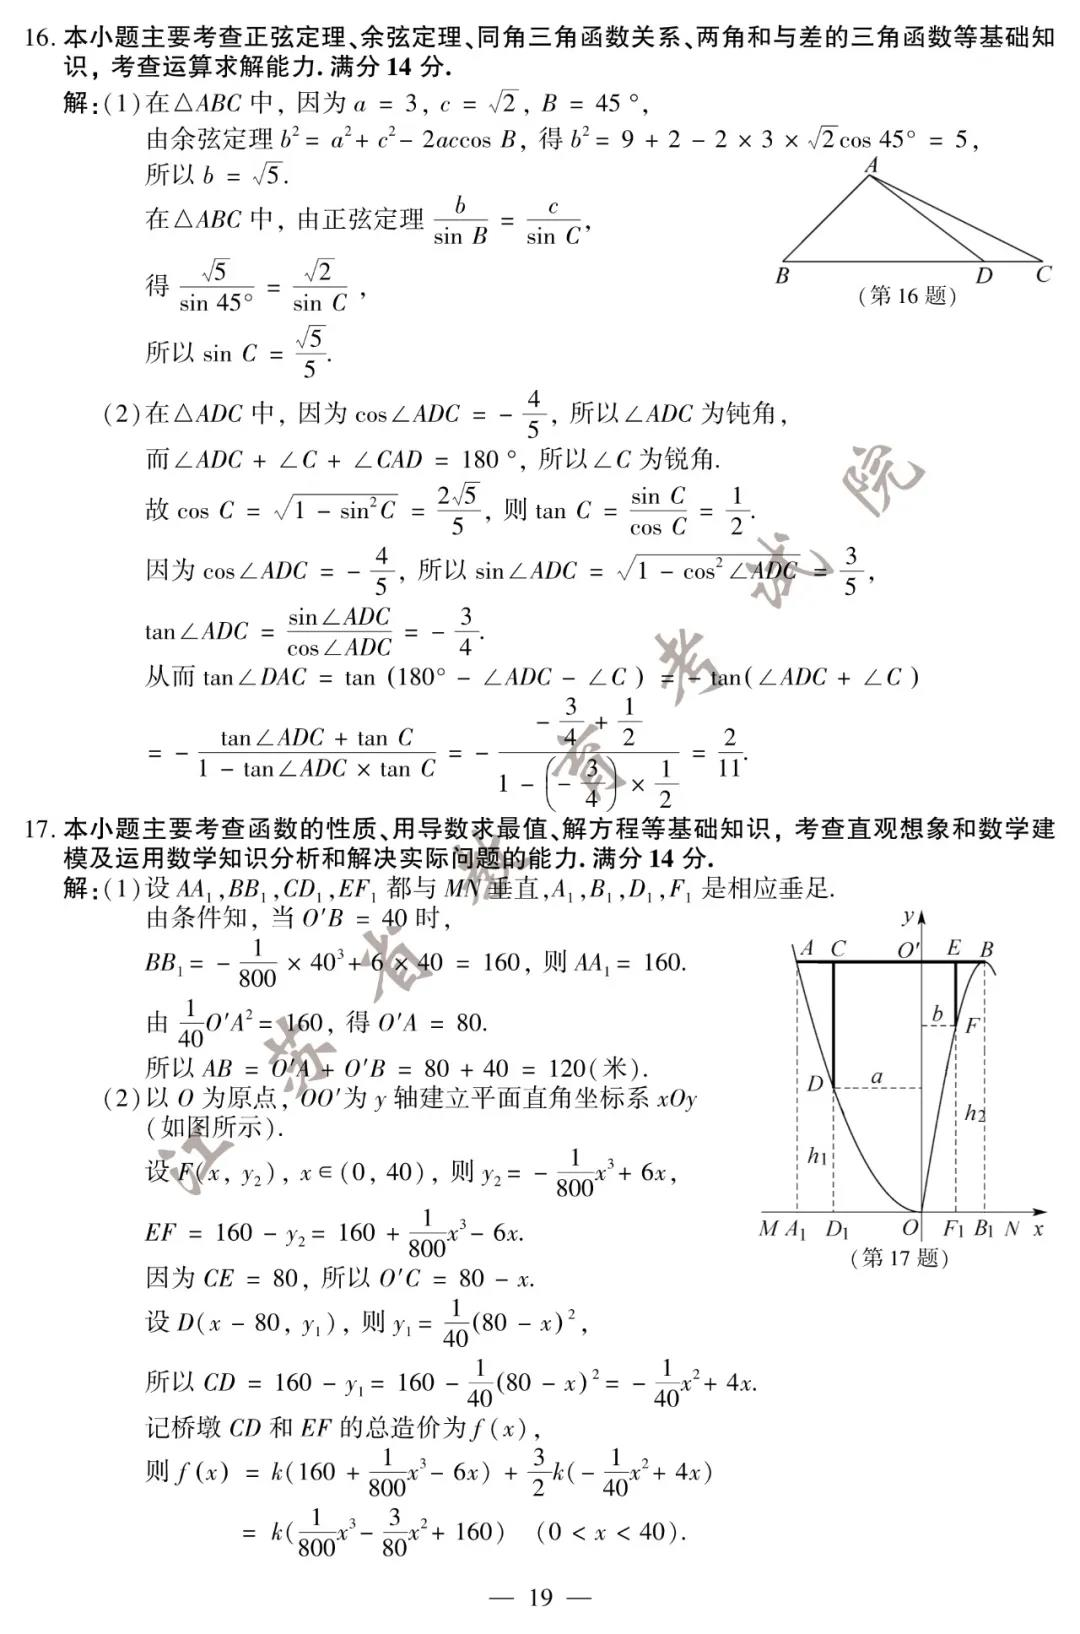 生物地理模拟考试_2020年江苏高考数学试题答案(图片版)(2)_高考网